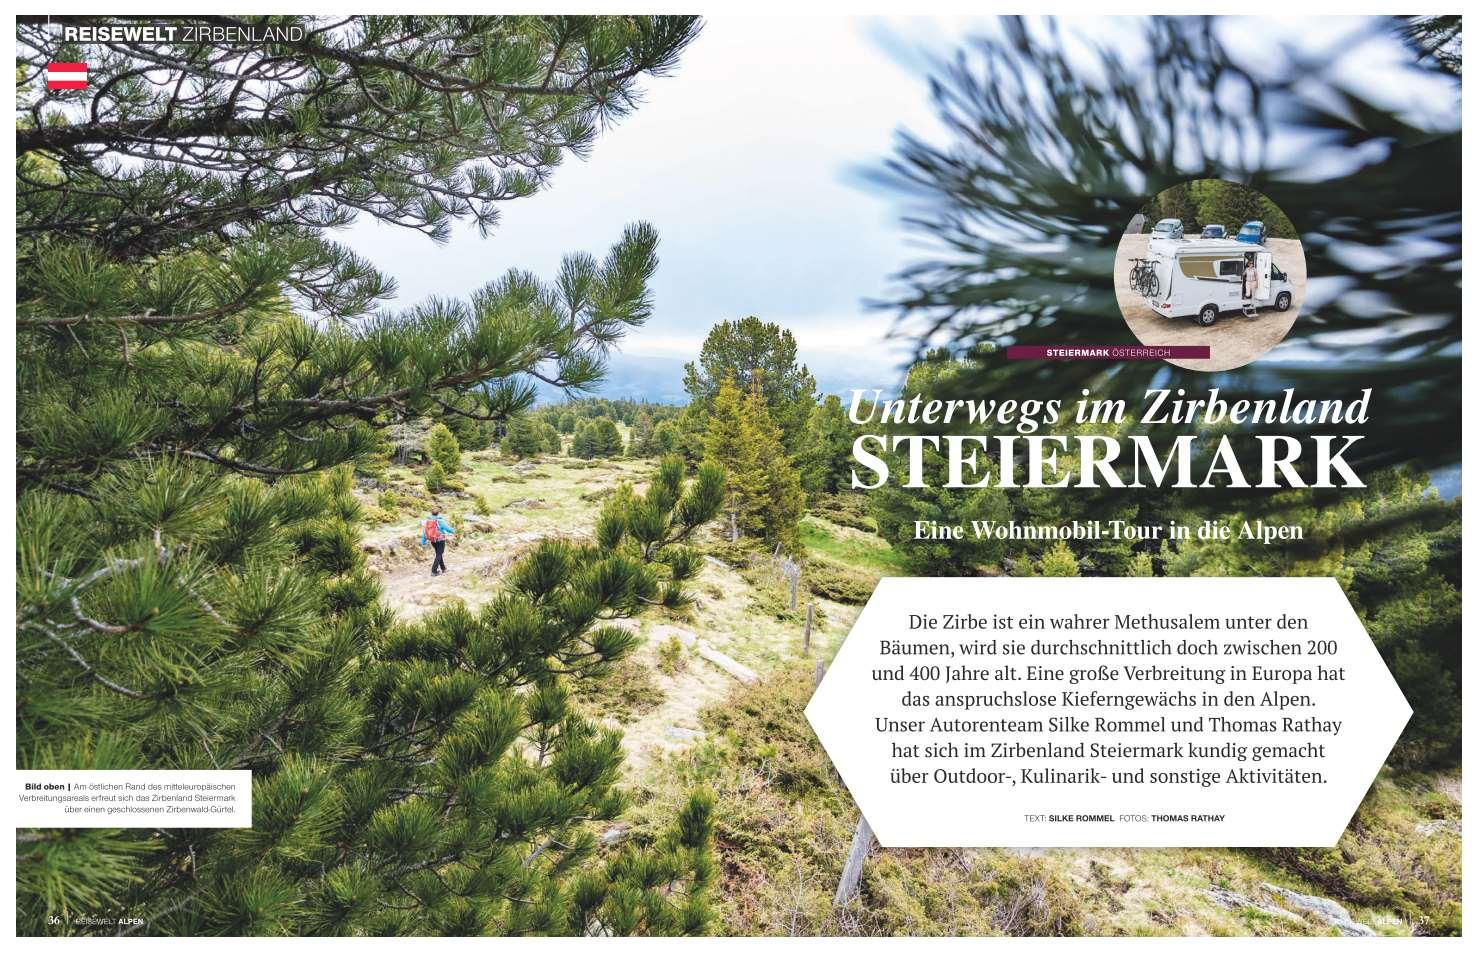 Zirbenland in der Steiermark